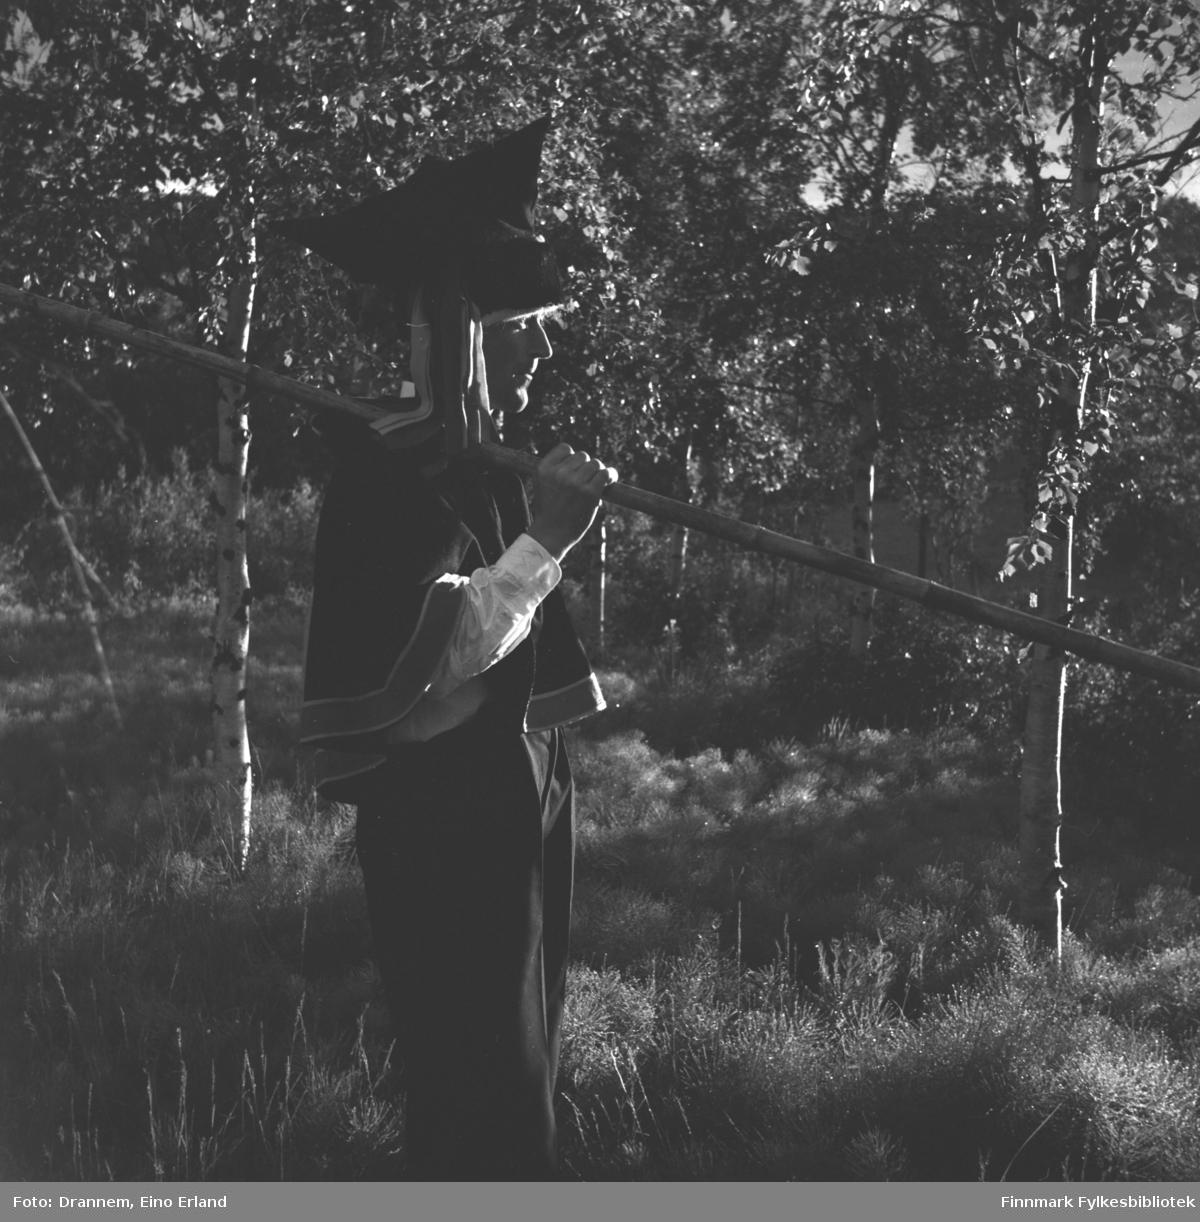 Olav Gabrielsen kledt i pesk og stjernelue, holder en lang stav i hånden (fiskestang?)